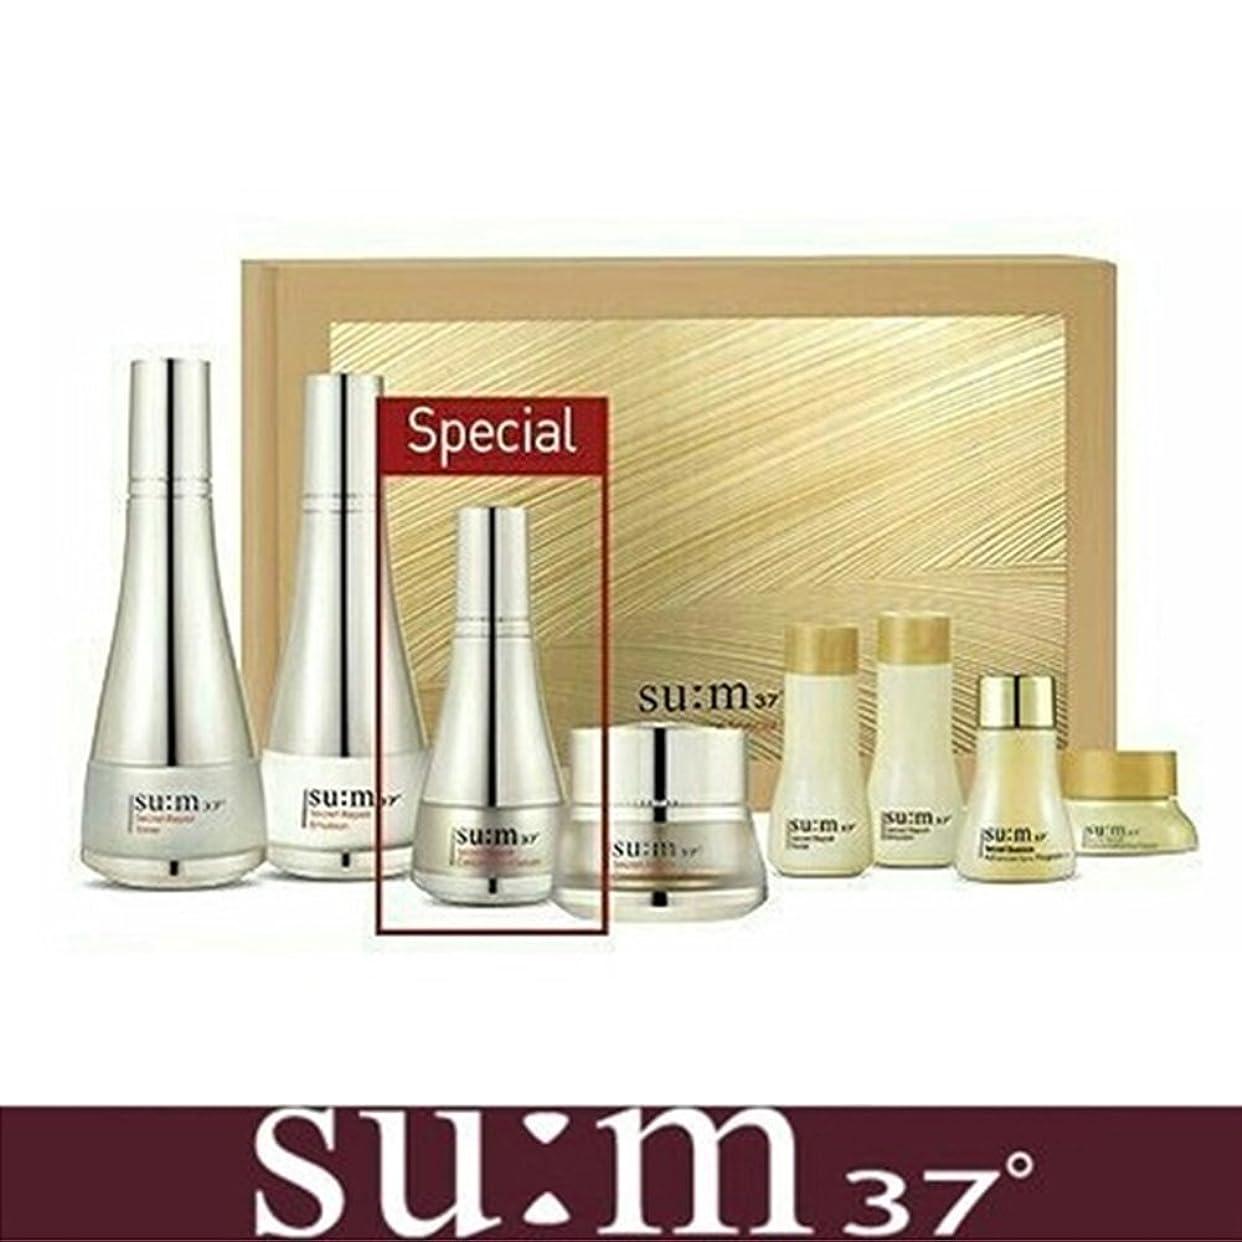 数学者バルコニー飛行場[su:m37/スム37°] SUM37 Secret Repair 3pcs Special Skincare Set / シークレットリペア3種セット+[Sample Gift](海外直送品)